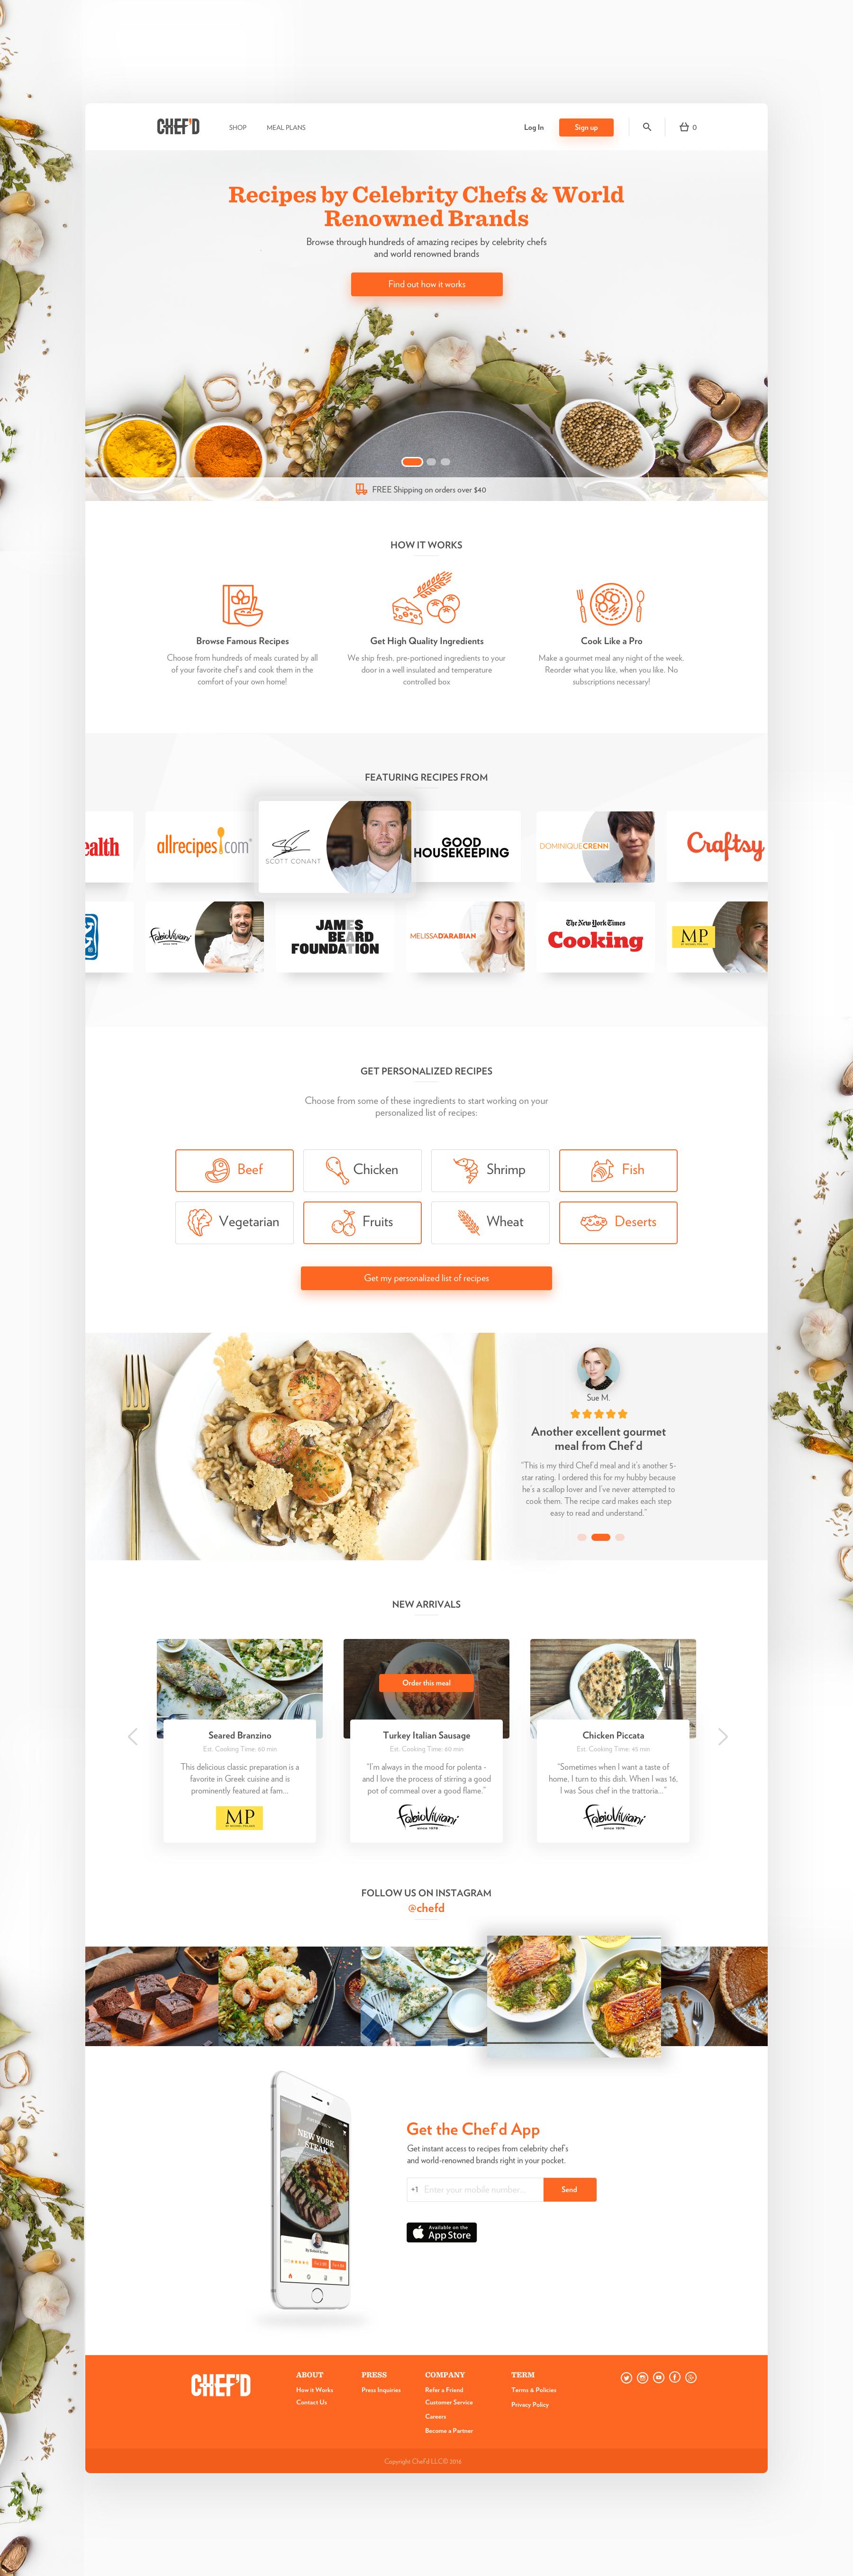 Carousel Slide Design Chefd Jm Conceptv1 Food Web Design Restaurant Website Design Web Layout Design